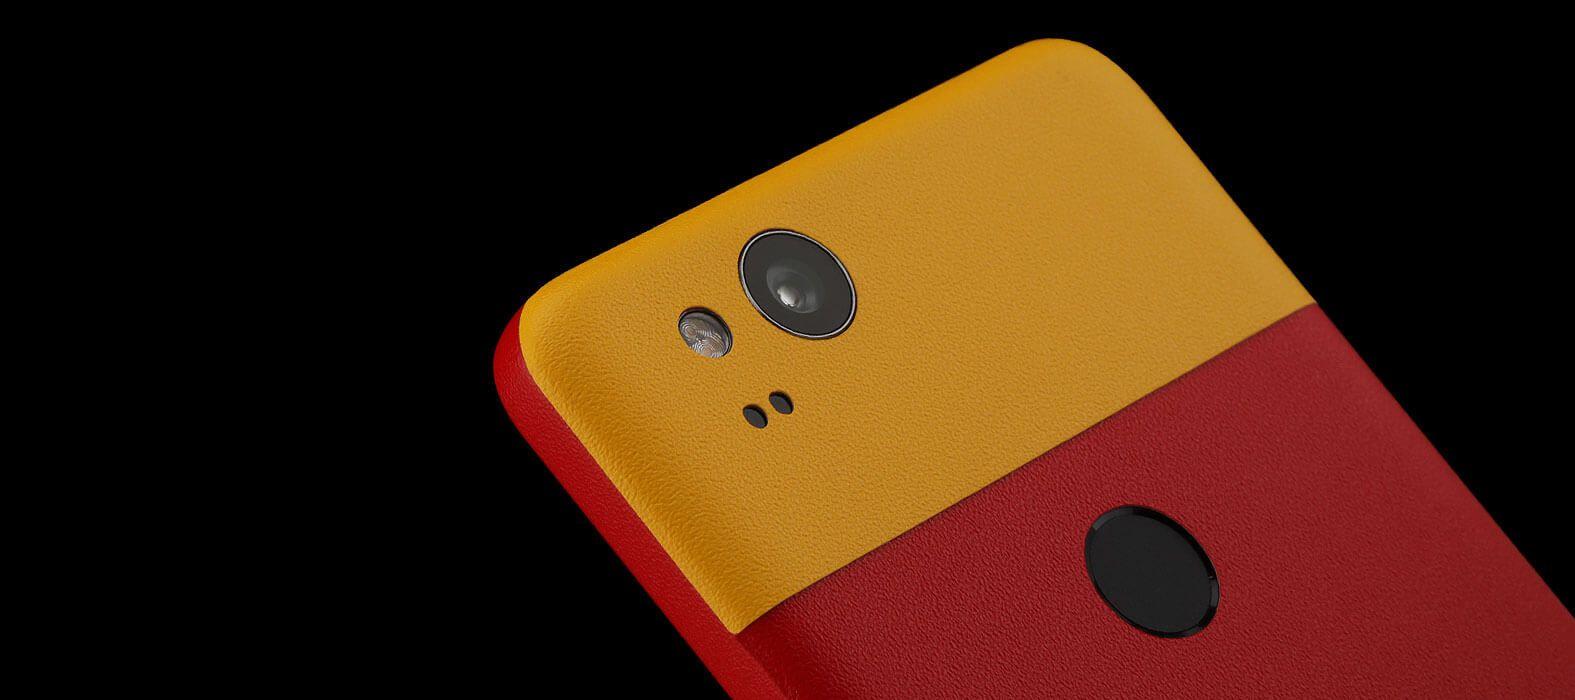 Pixel 2 Wraps, Skins, Decals - Sandstone Split